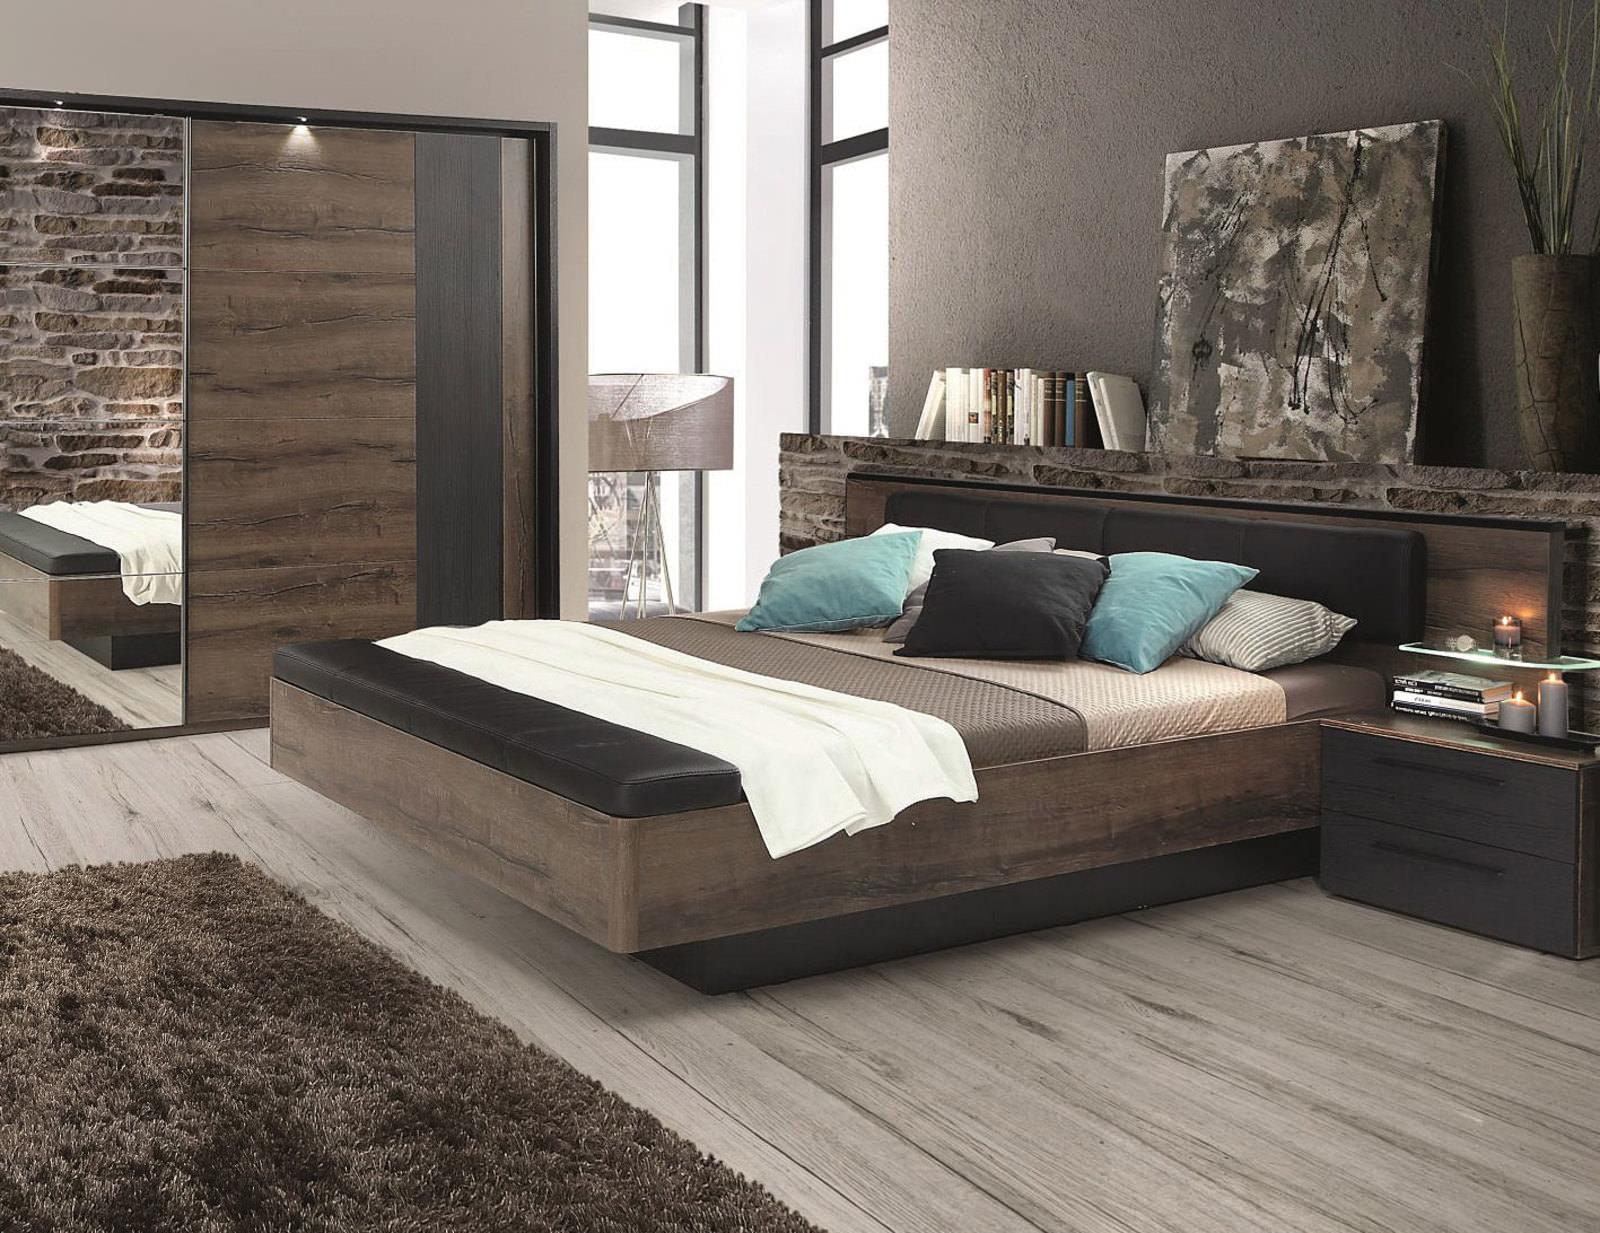 Schlafzimmer Online Gestalten Kostenlos Bettwsche